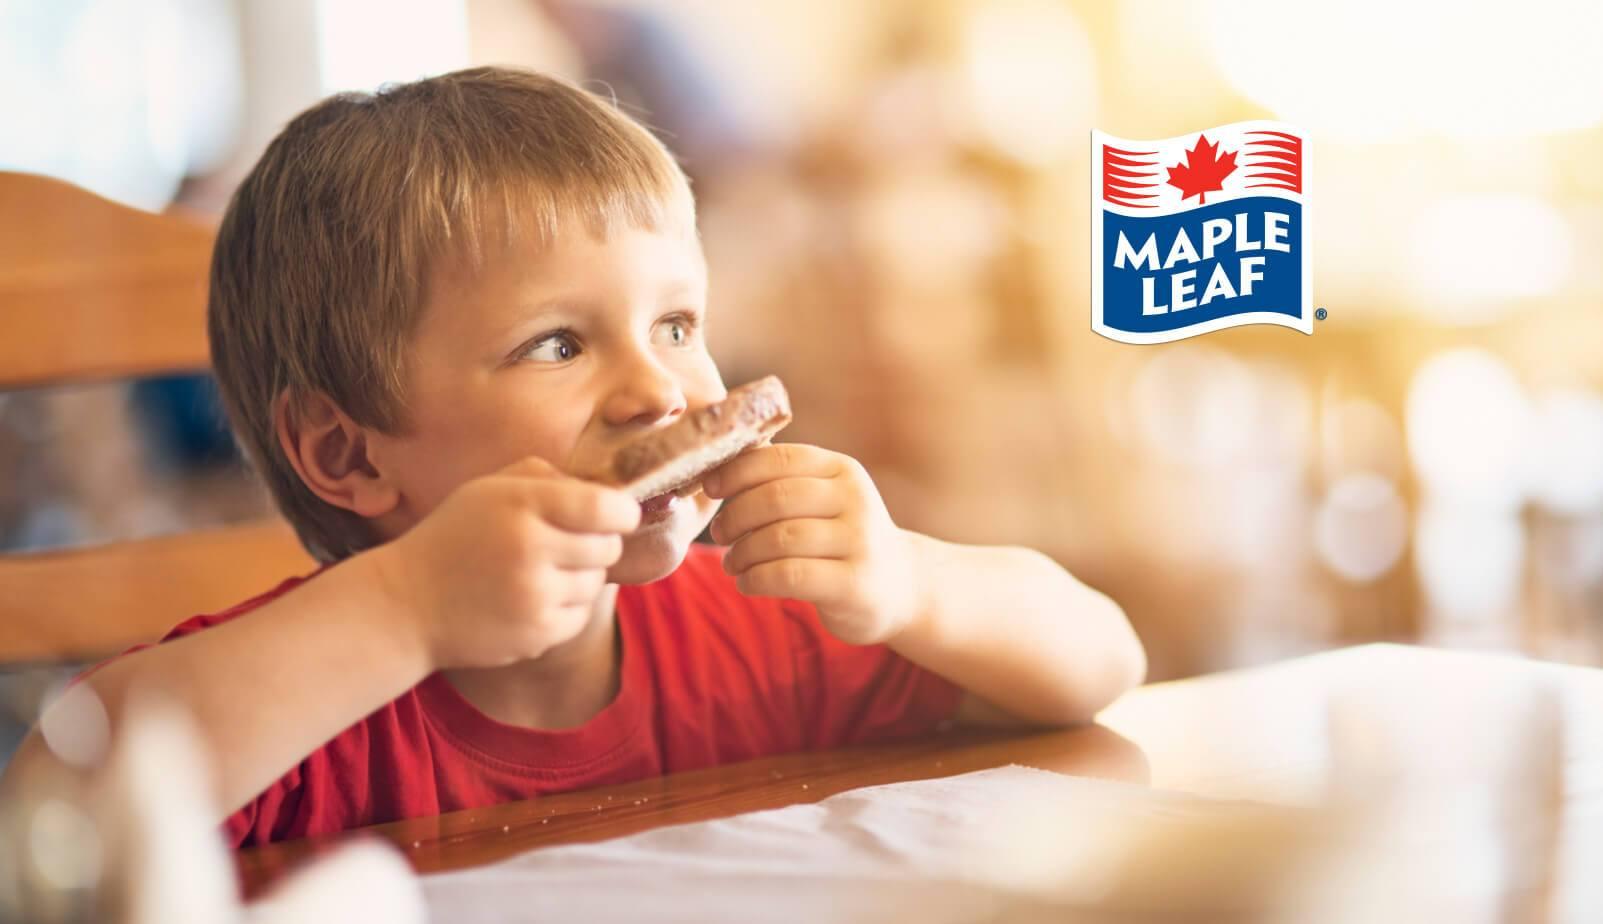 Kid eating a toast